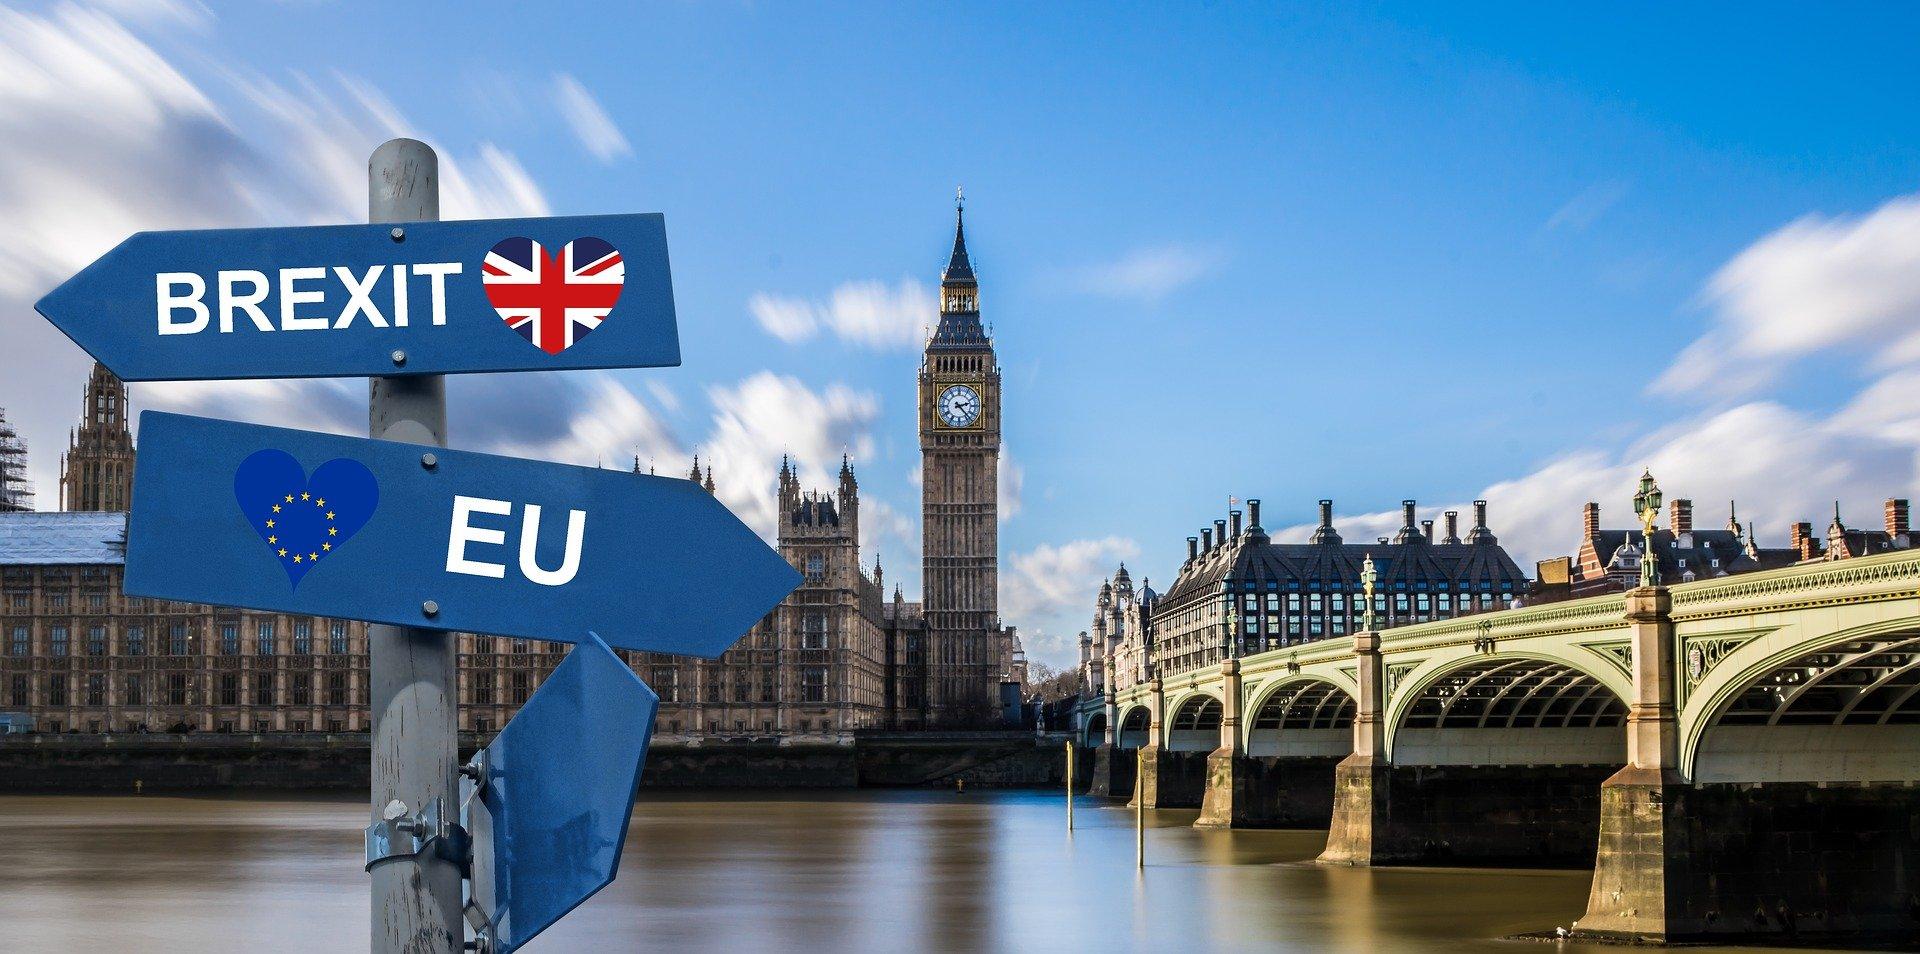 Netscape : le vieux logiciel refait surface dans l'accord pour le Brexit